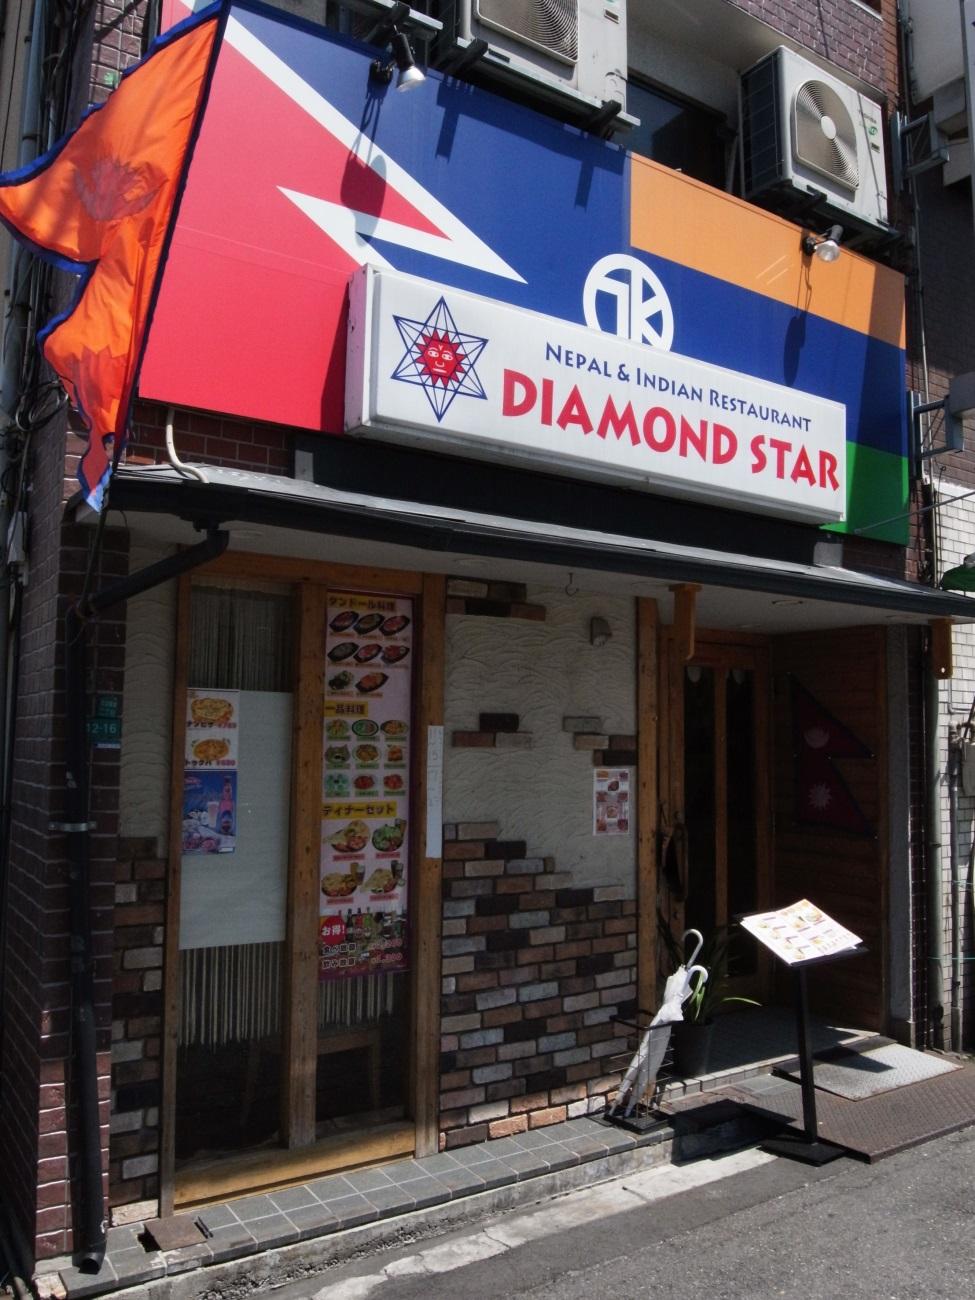 棚からマトンサグ〔DIAMOND STAR(ダイヤモンド スター)/ネパール・インド料理/地下鉄四つ橋線北加賀屋駅〕_f0195971_11445428.jpg